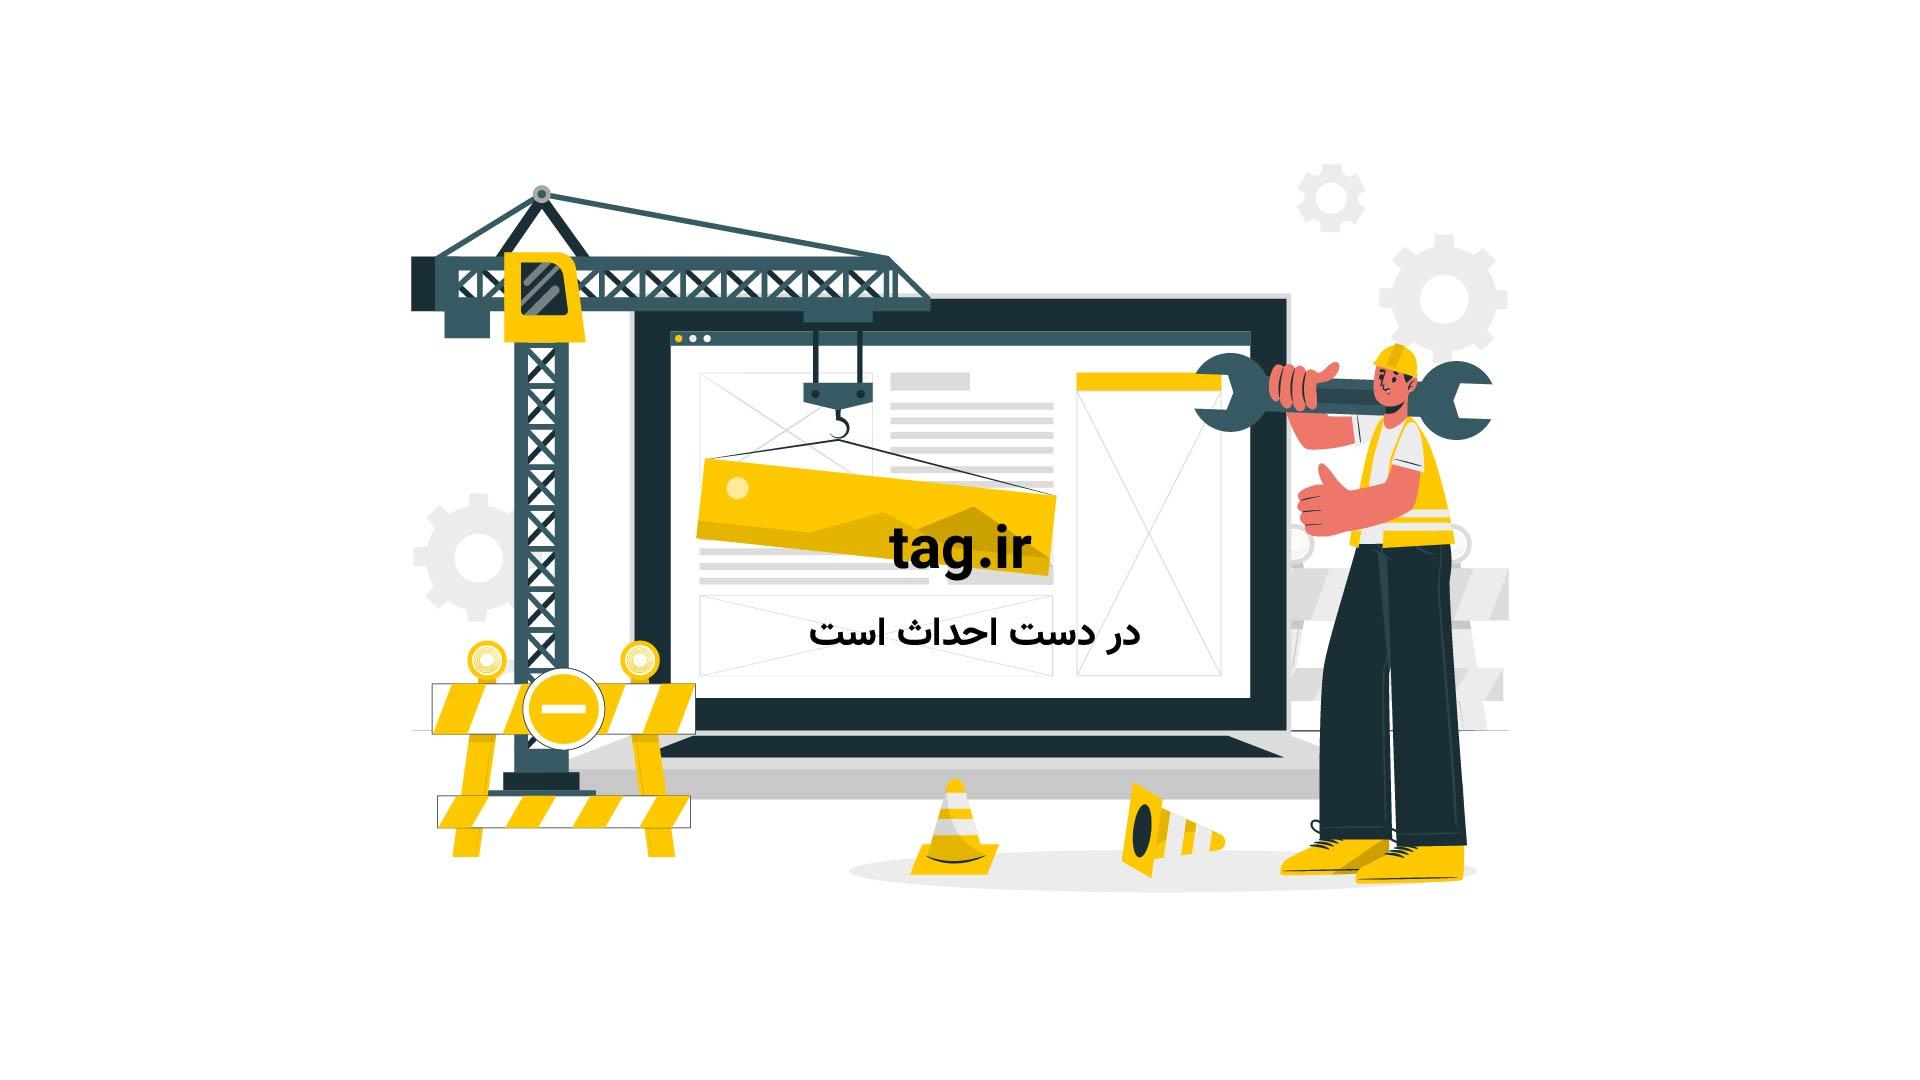 تست خودرو؛ عملکرد ضعیف نیسان جوک | فیلم